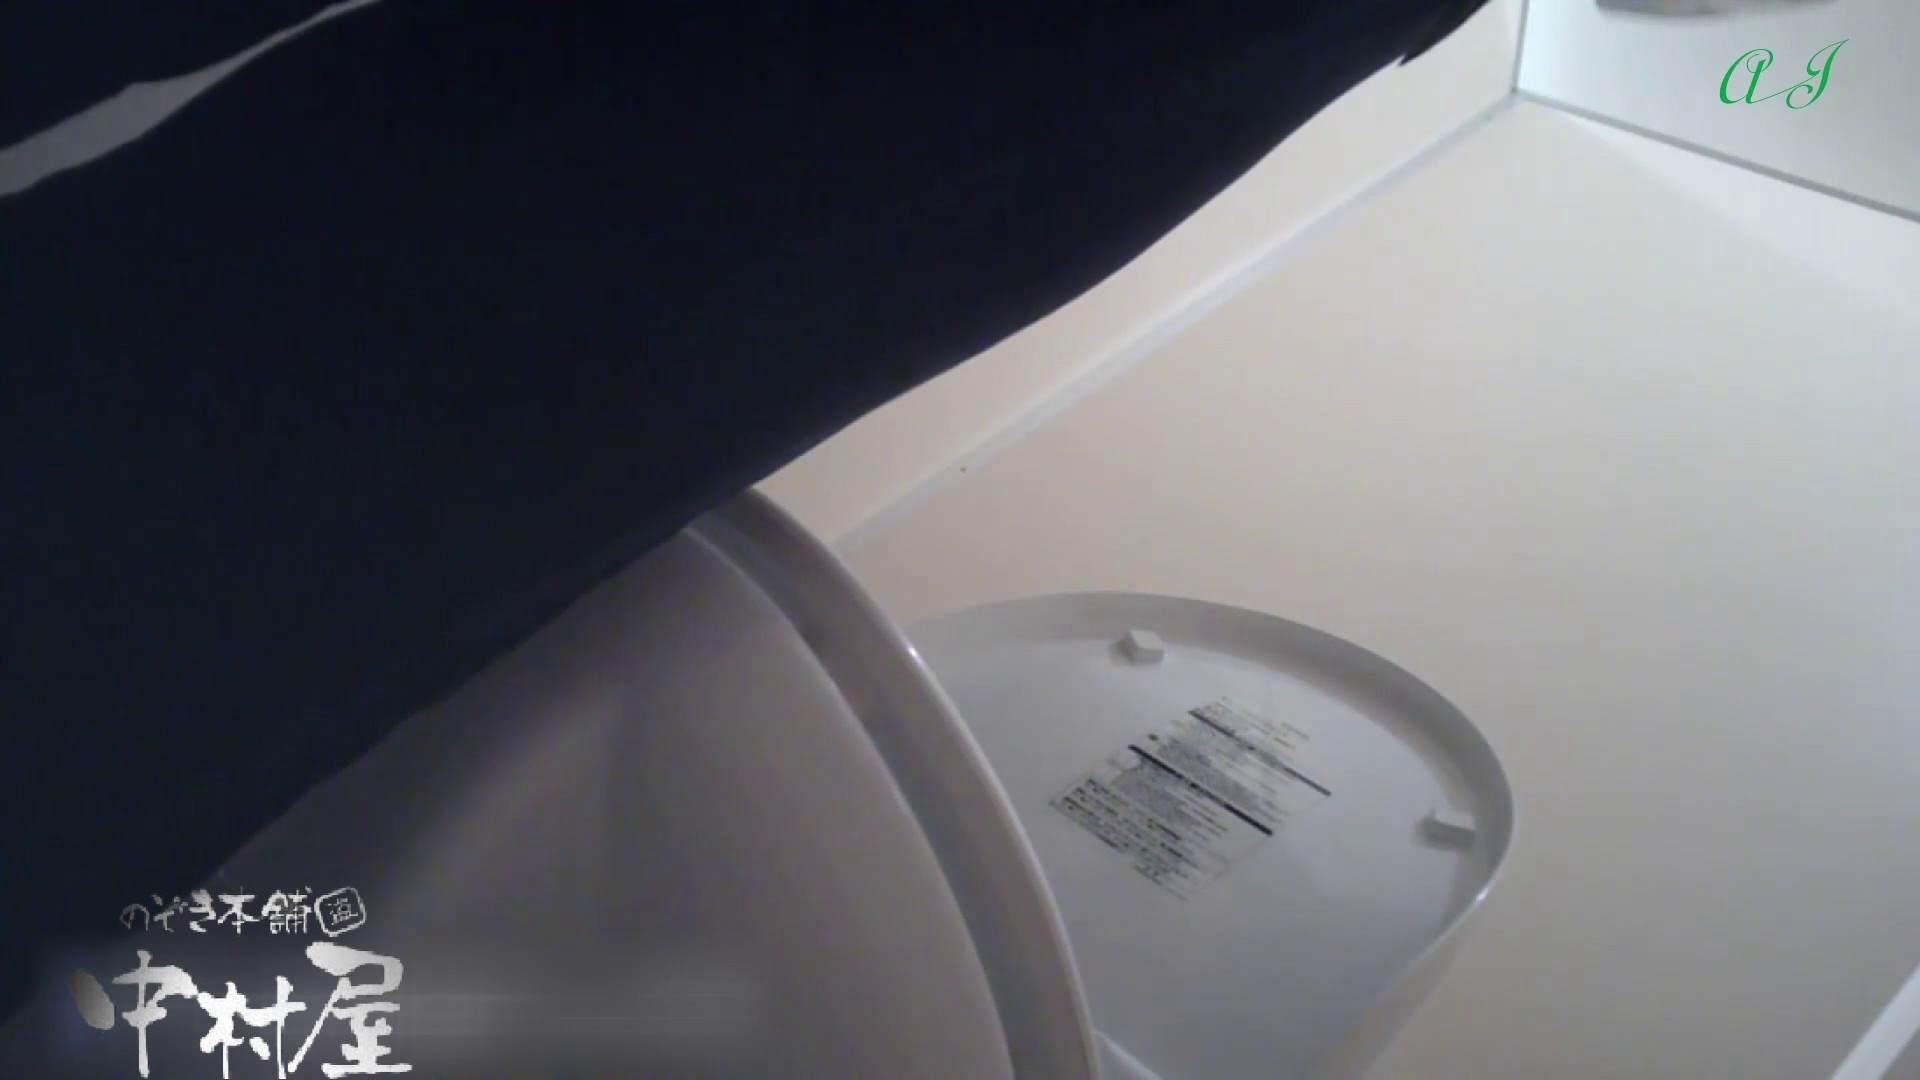 新アングル 4名の美女達 有名大学女性洗面所 vol.76 潜入 盗撮戯れ無修正画像 42連発 2